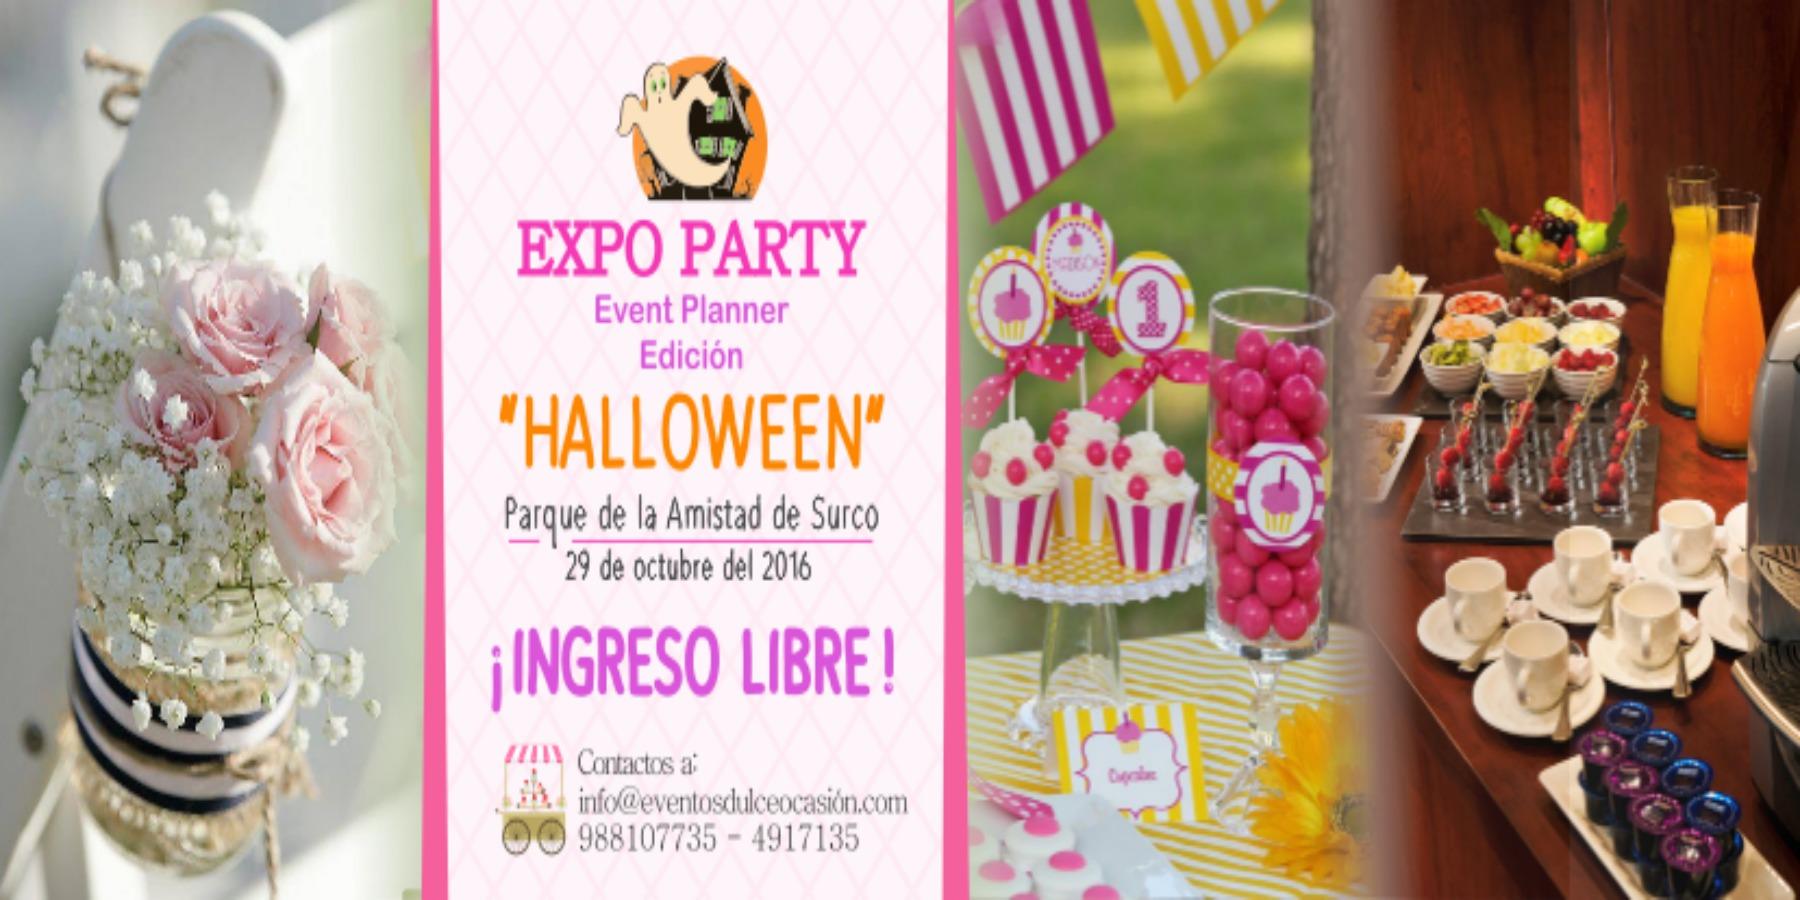 Expo Party Edición Halloween